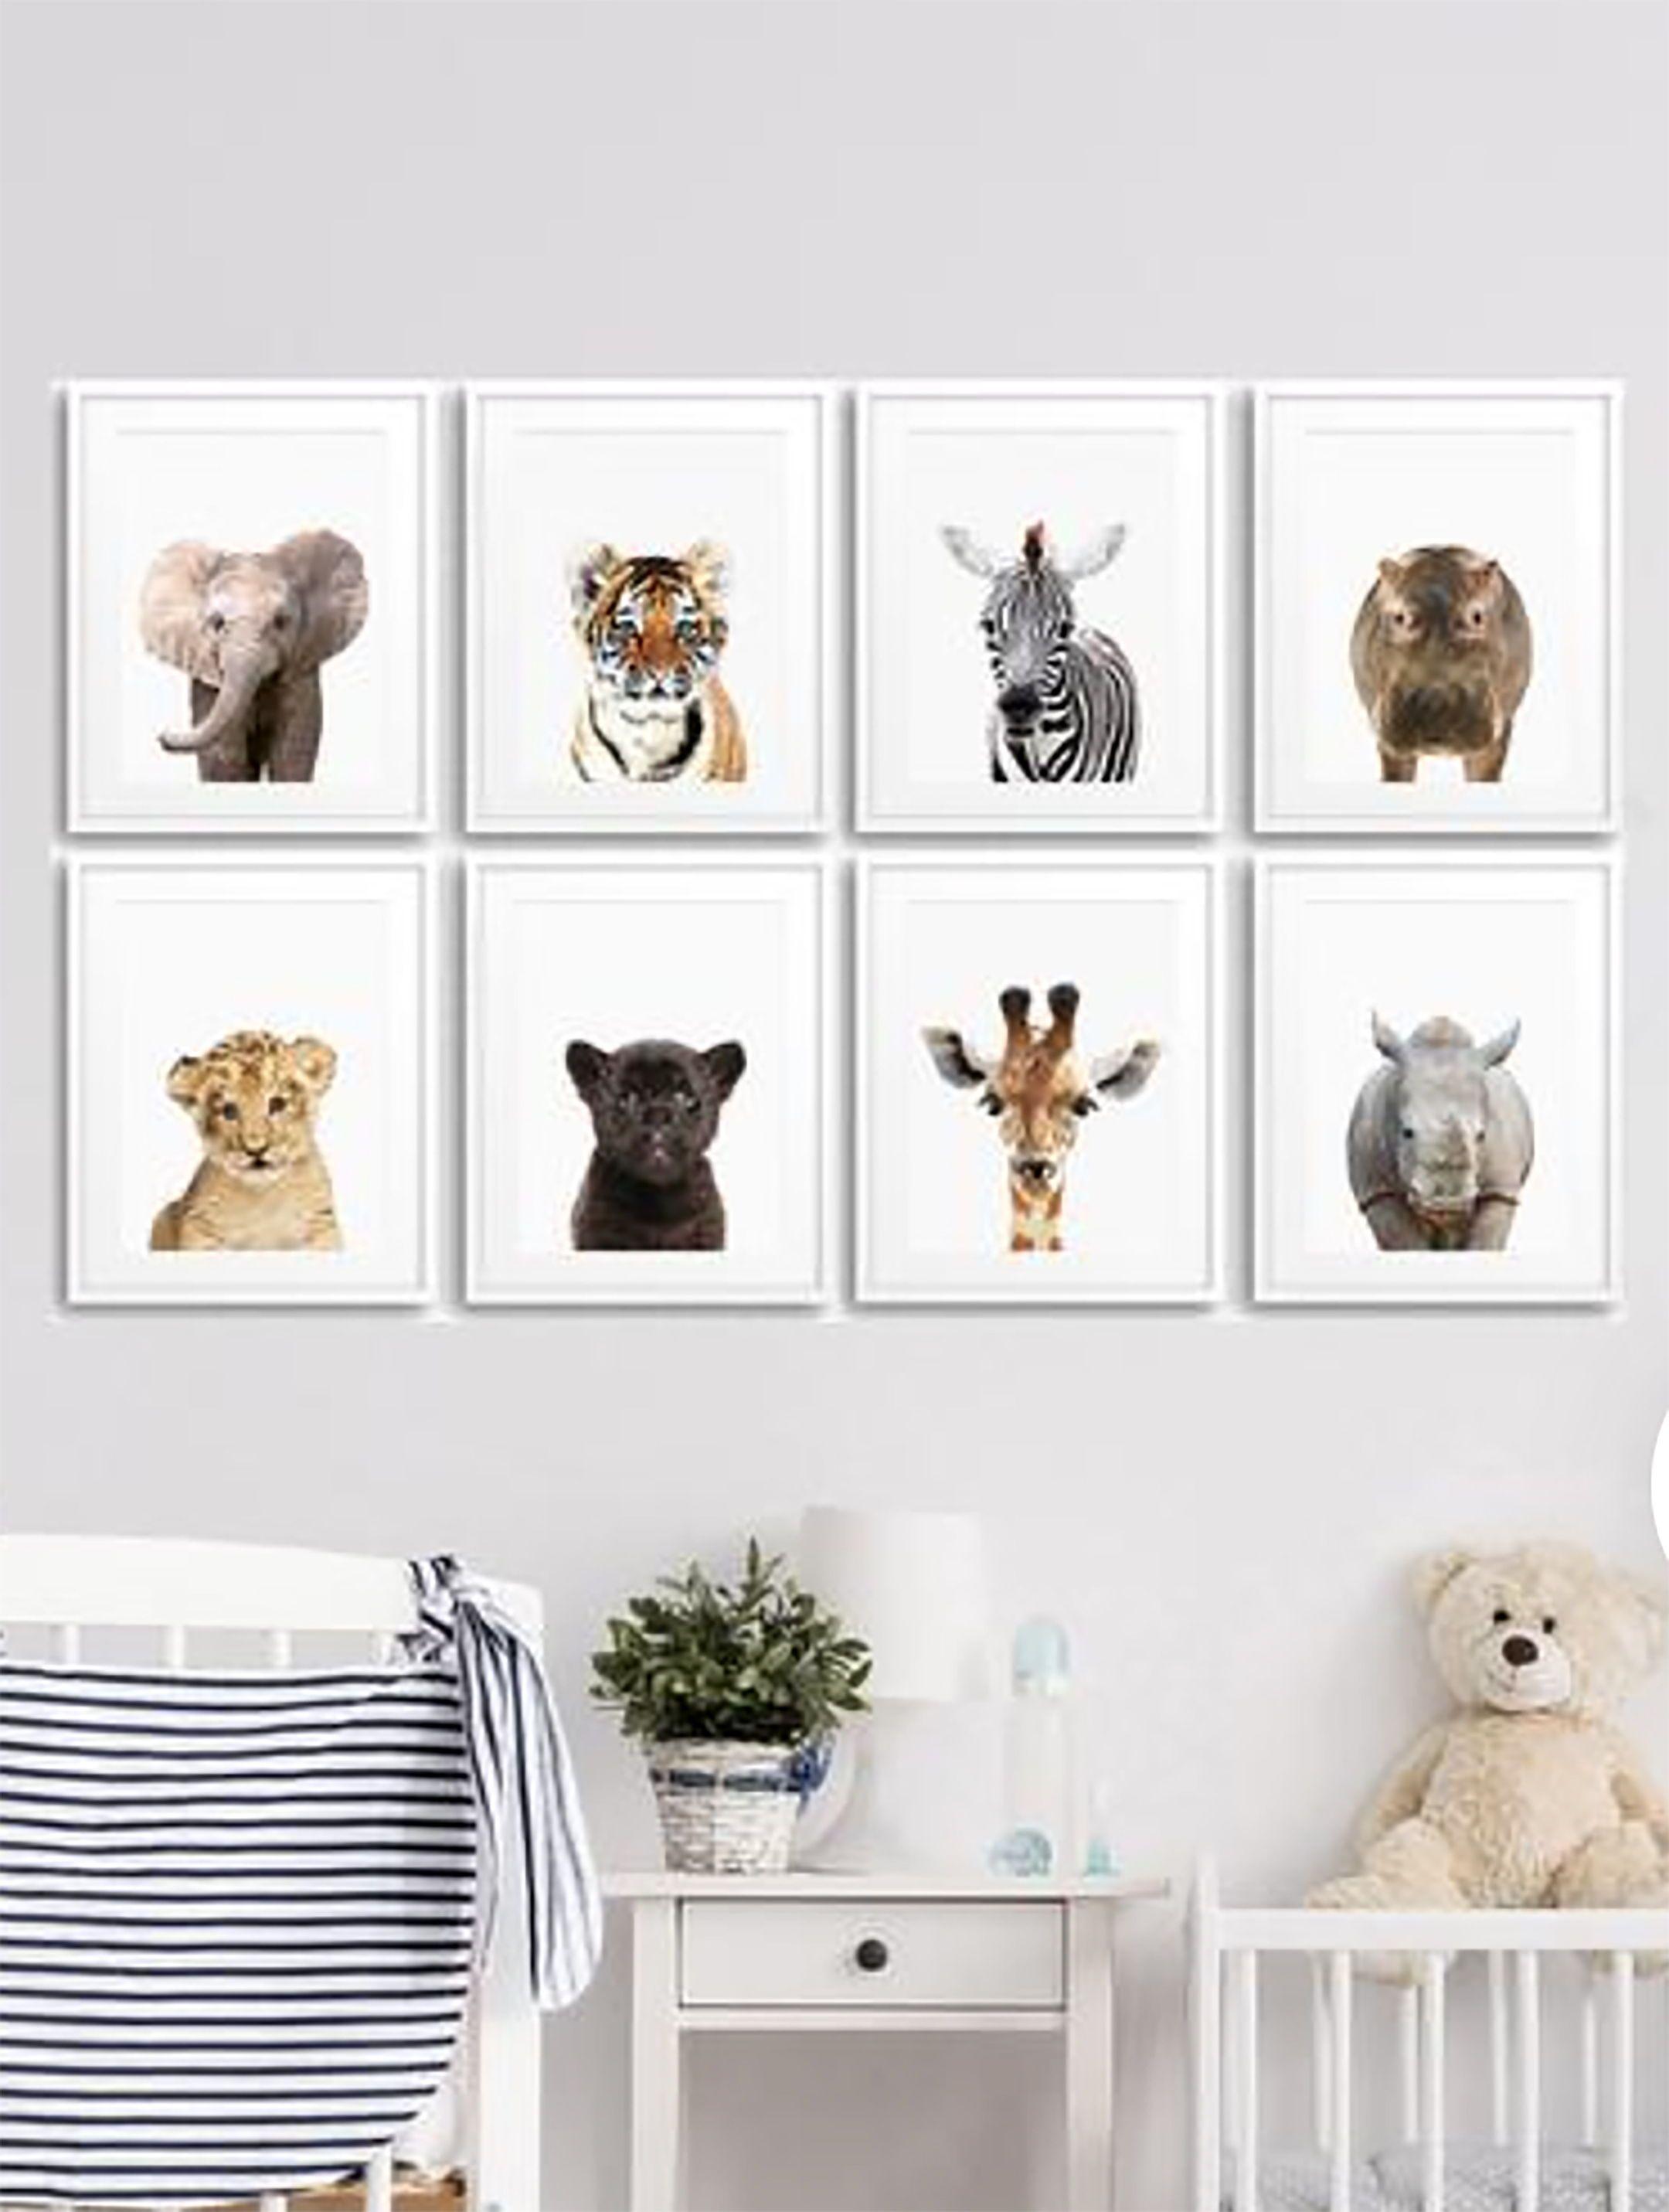 8 Set Of Safari Animal Prints Eight Piece Nursery Animal Wall Art Baby Animal Posters For Nursery Printable Kids Room Prints 057 Kids Room Prints Kids Room Printables Animal Wall Art Nursery